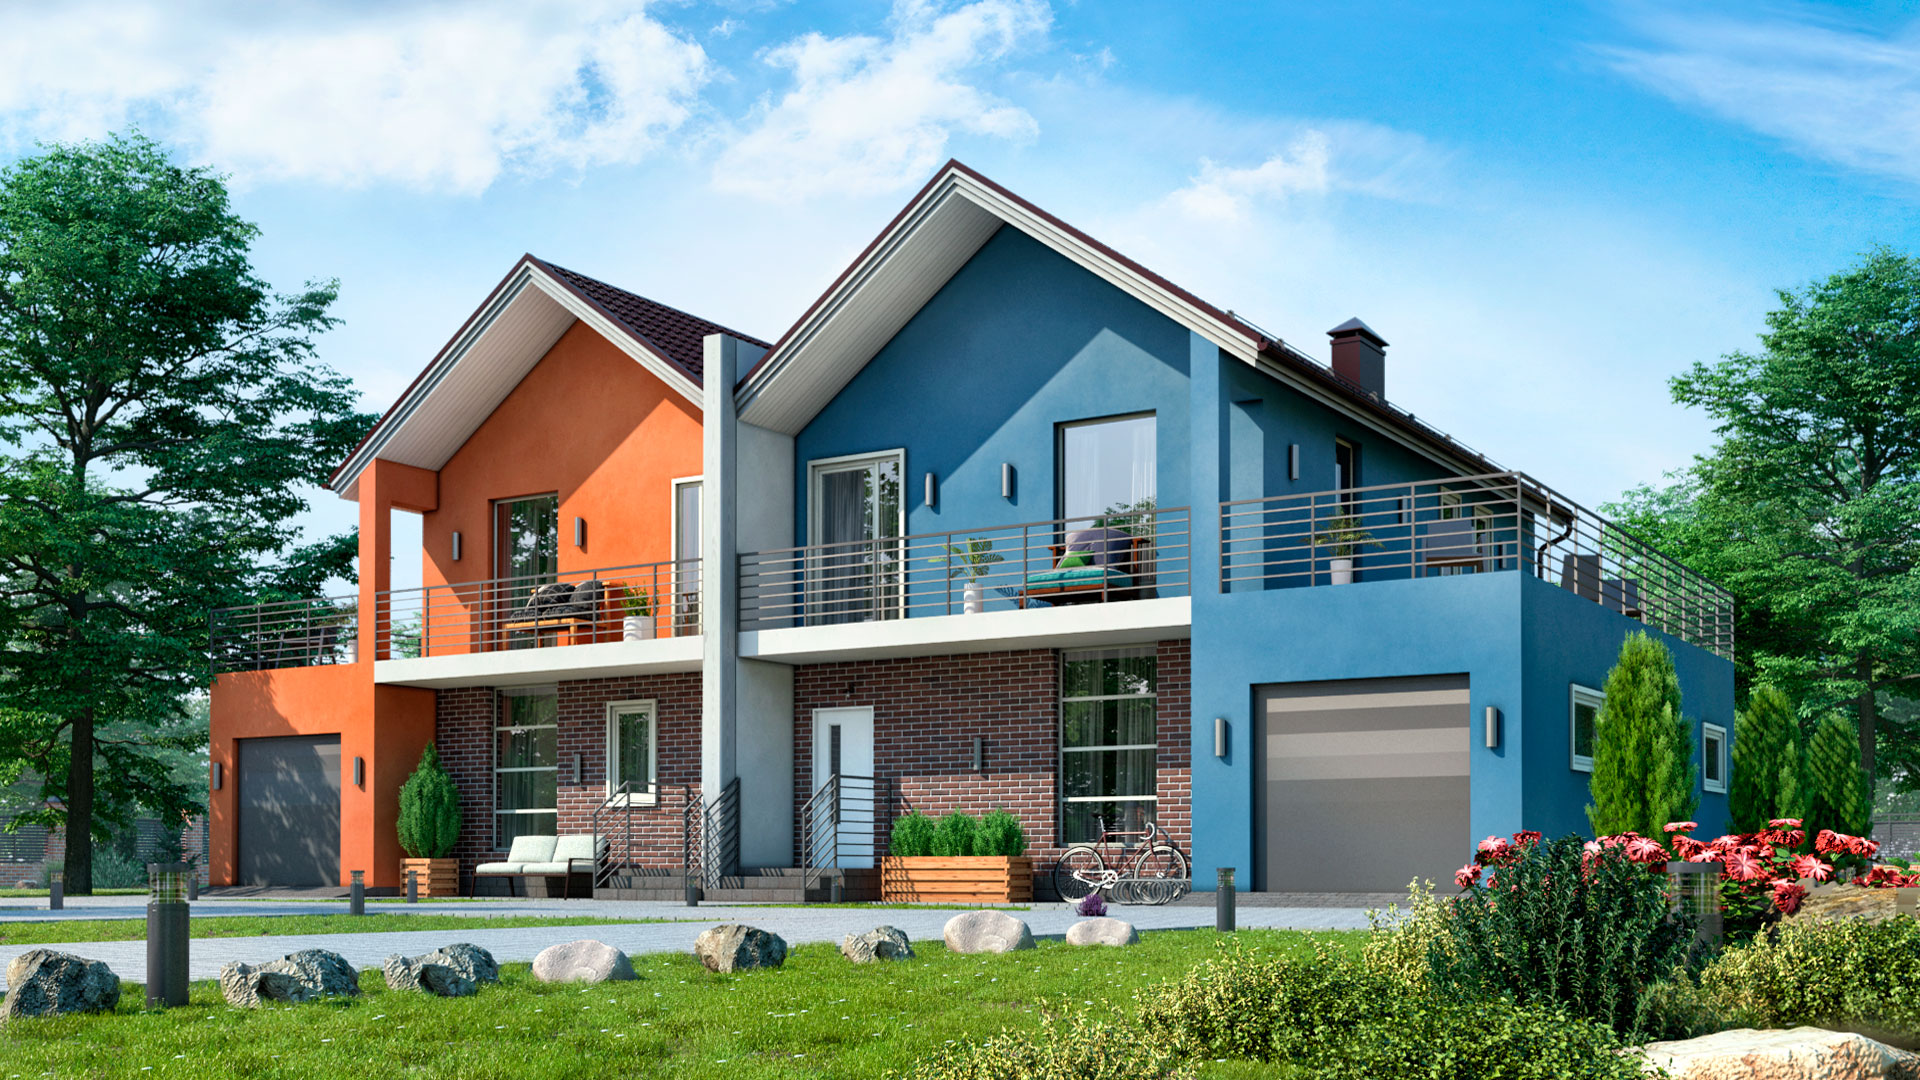 Строительство двухэтажного дома с гаражами и террасами жилой площадью 195,35 м2. Проект БЭНПАН-391